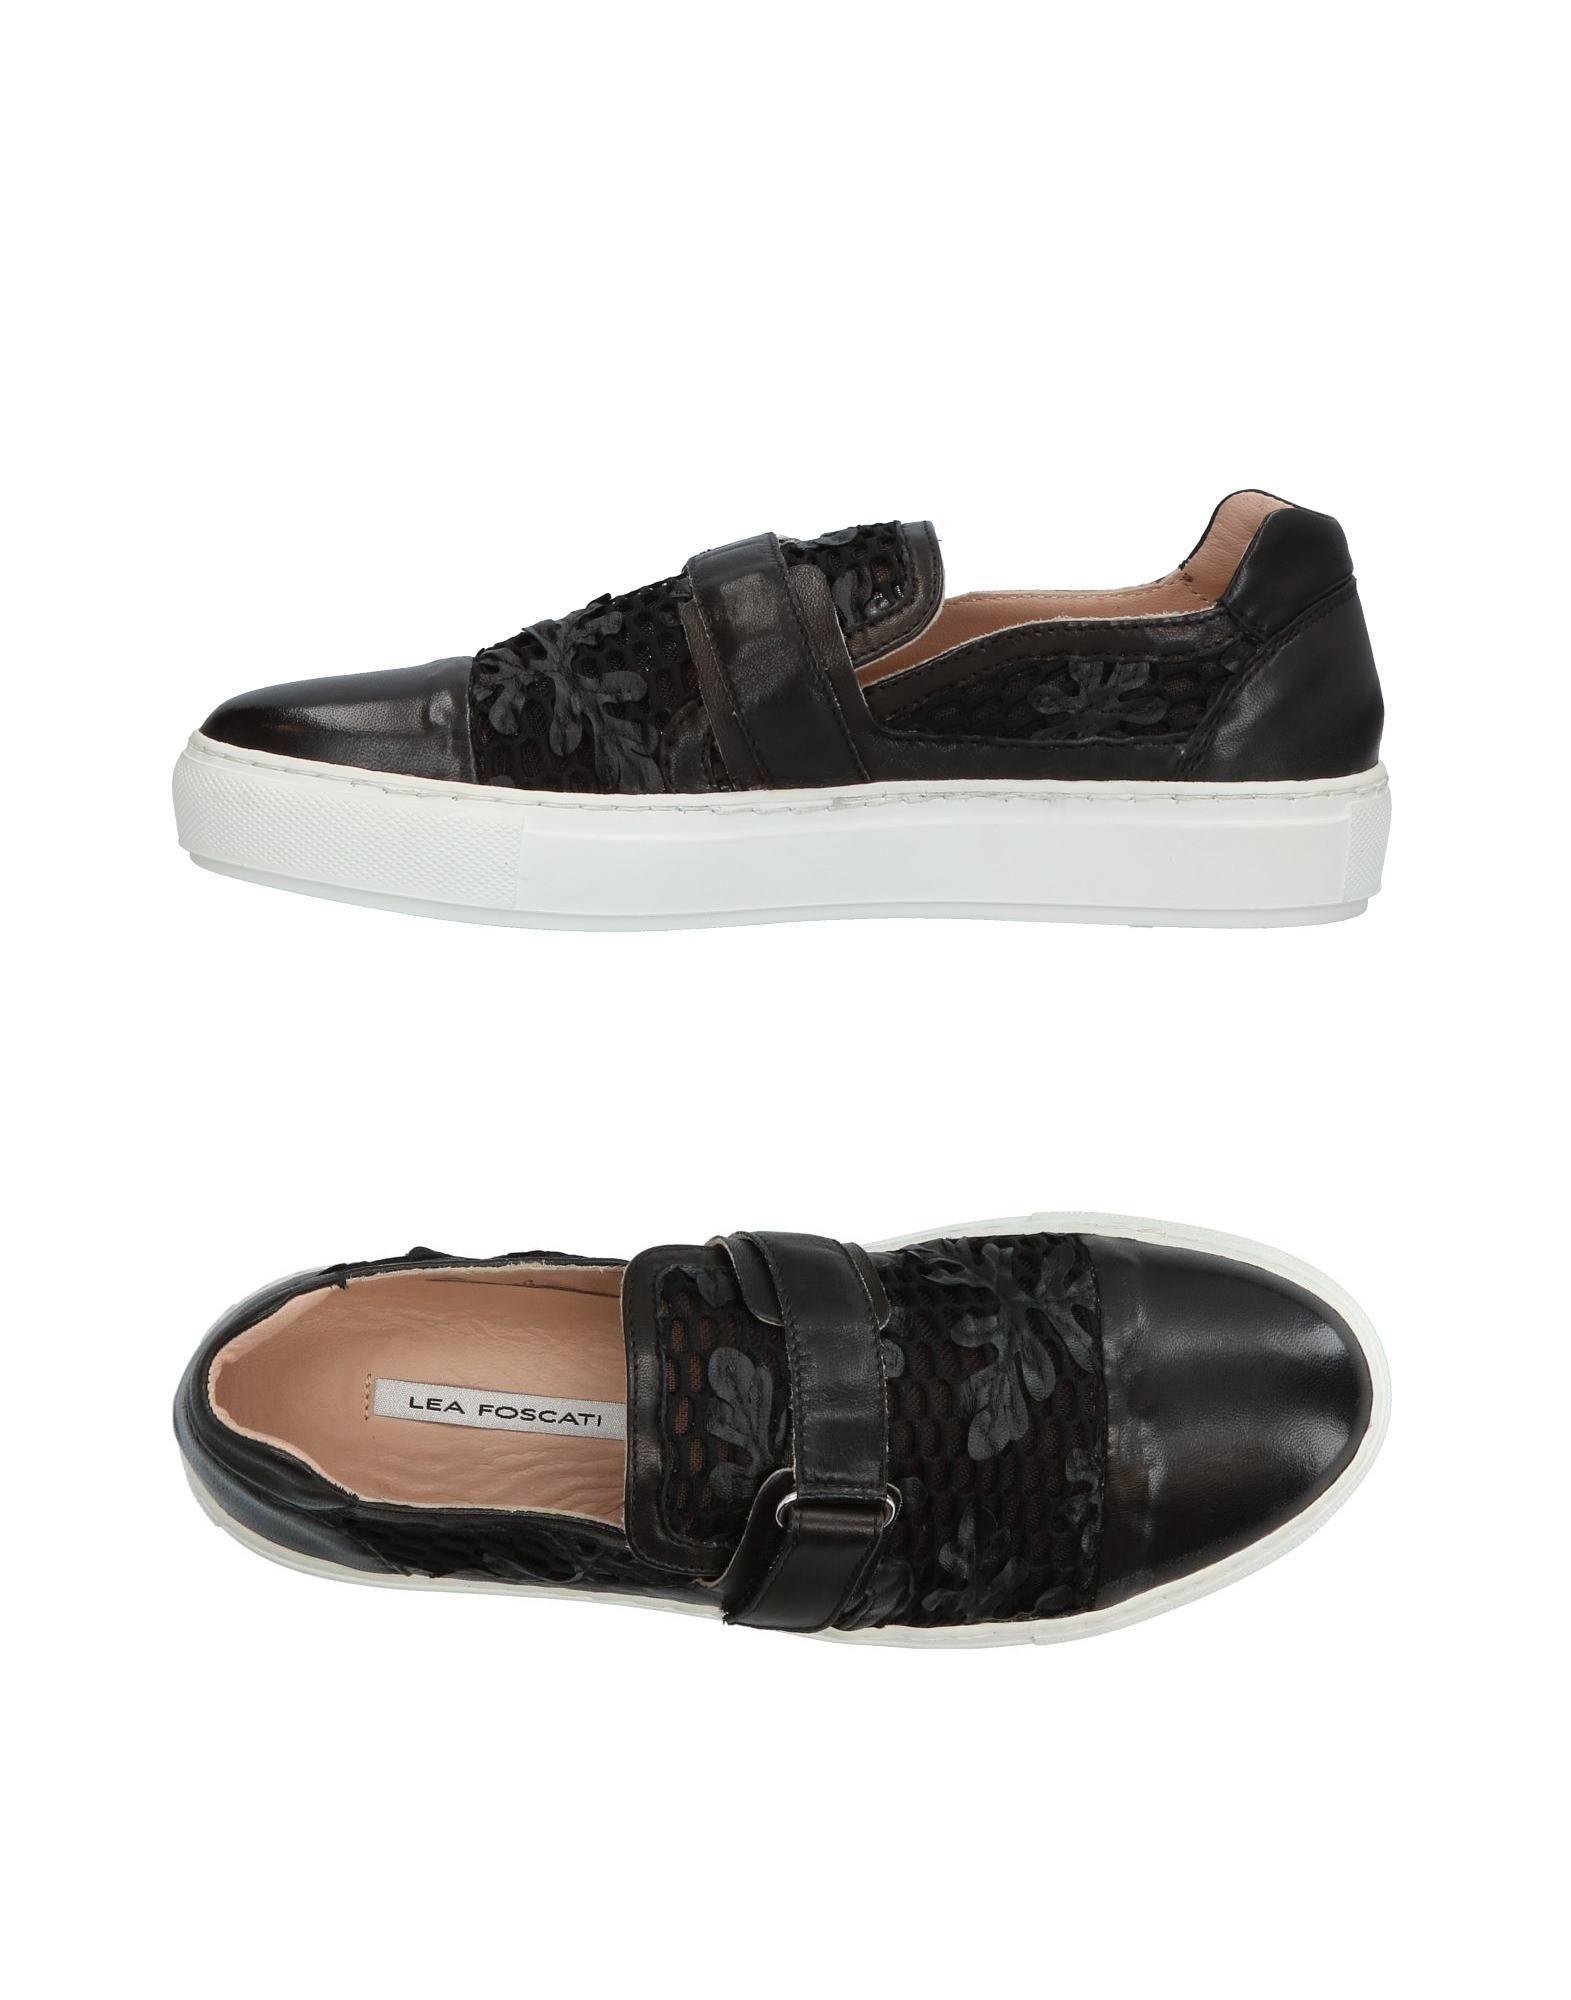 Sneakers Lea Foscati Femme - Sneakers Lea Foscati sur